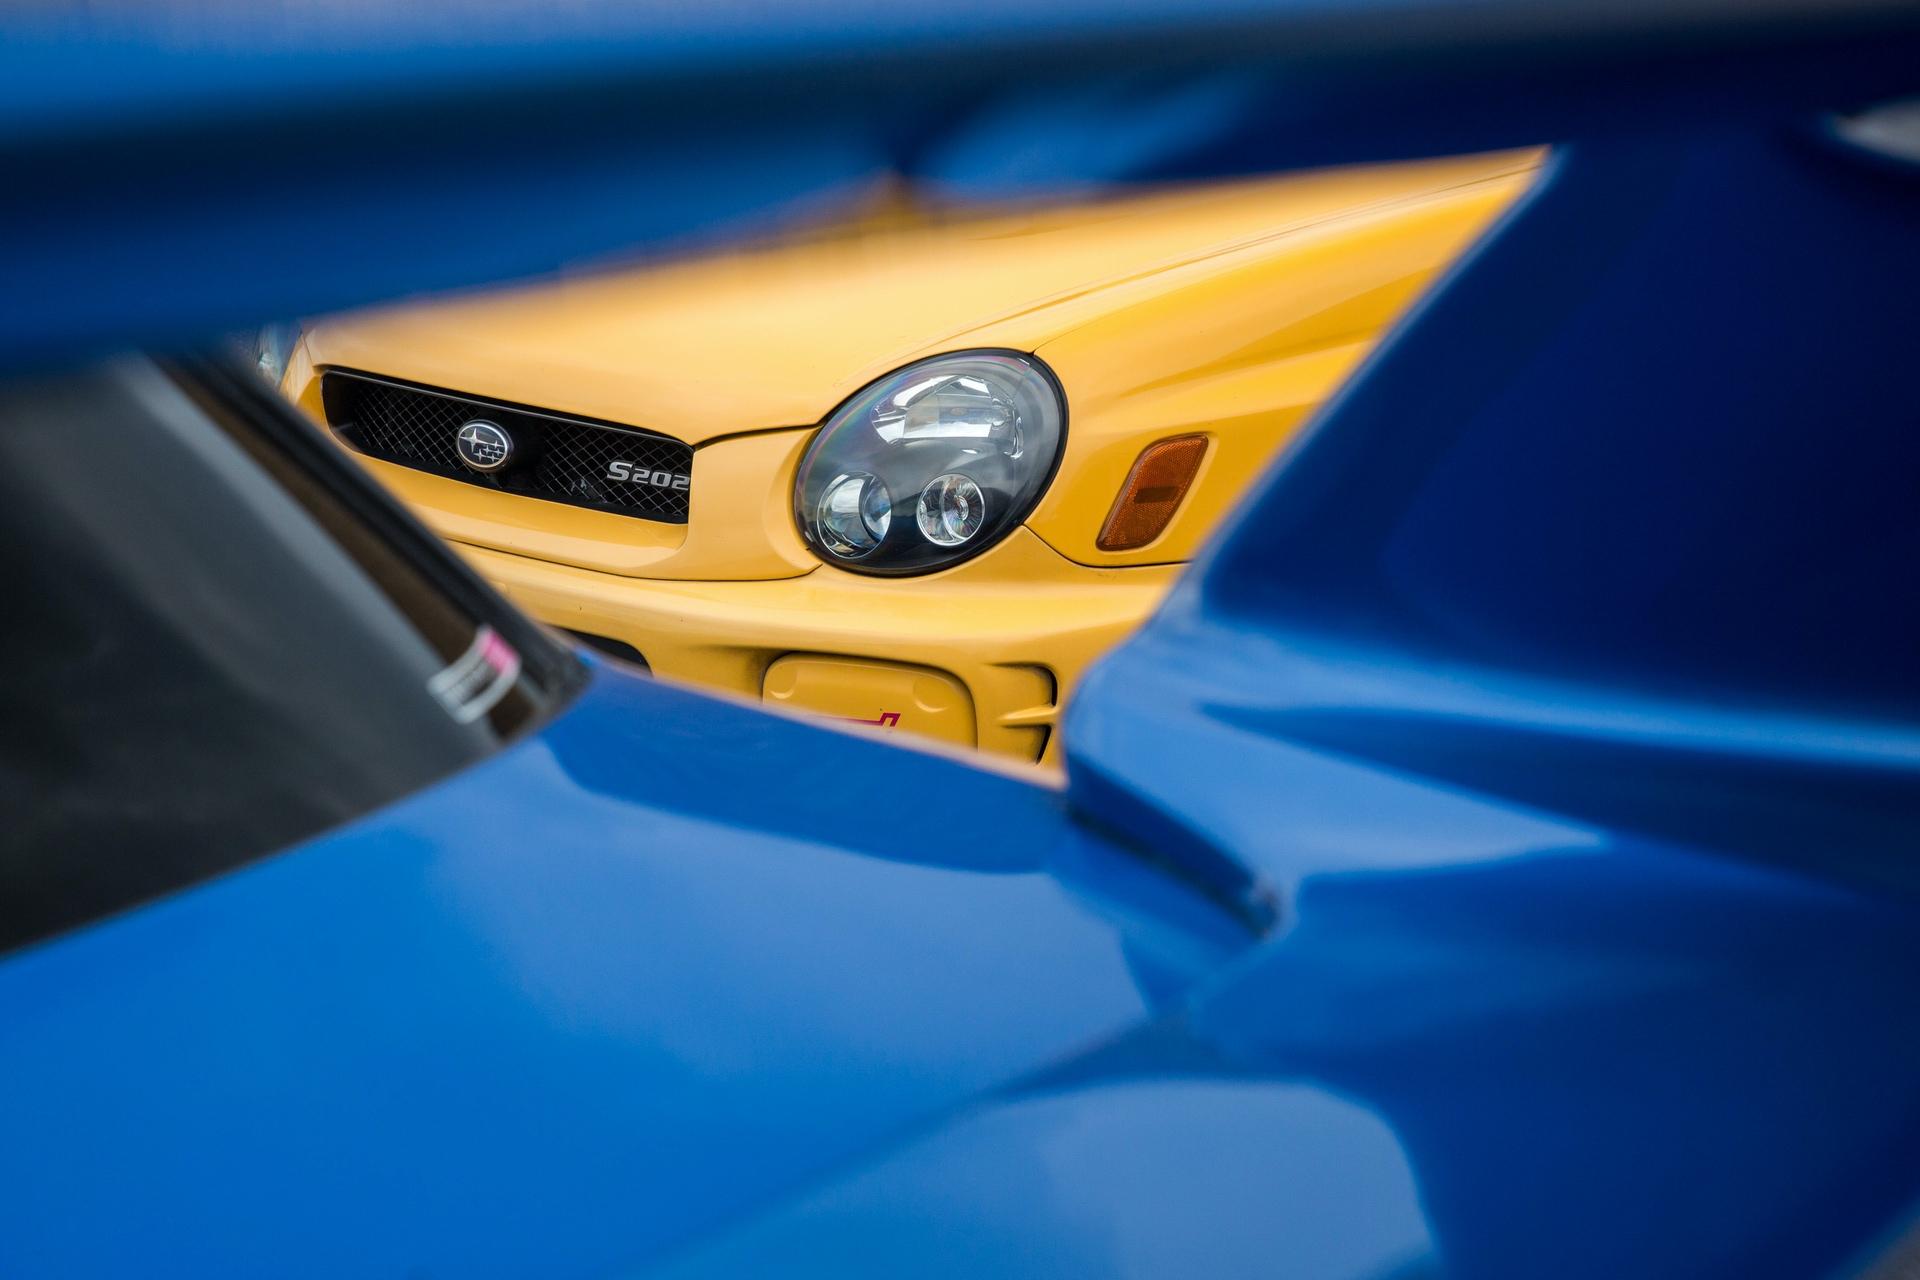 Subaru_Impreza_STI_S202_0003